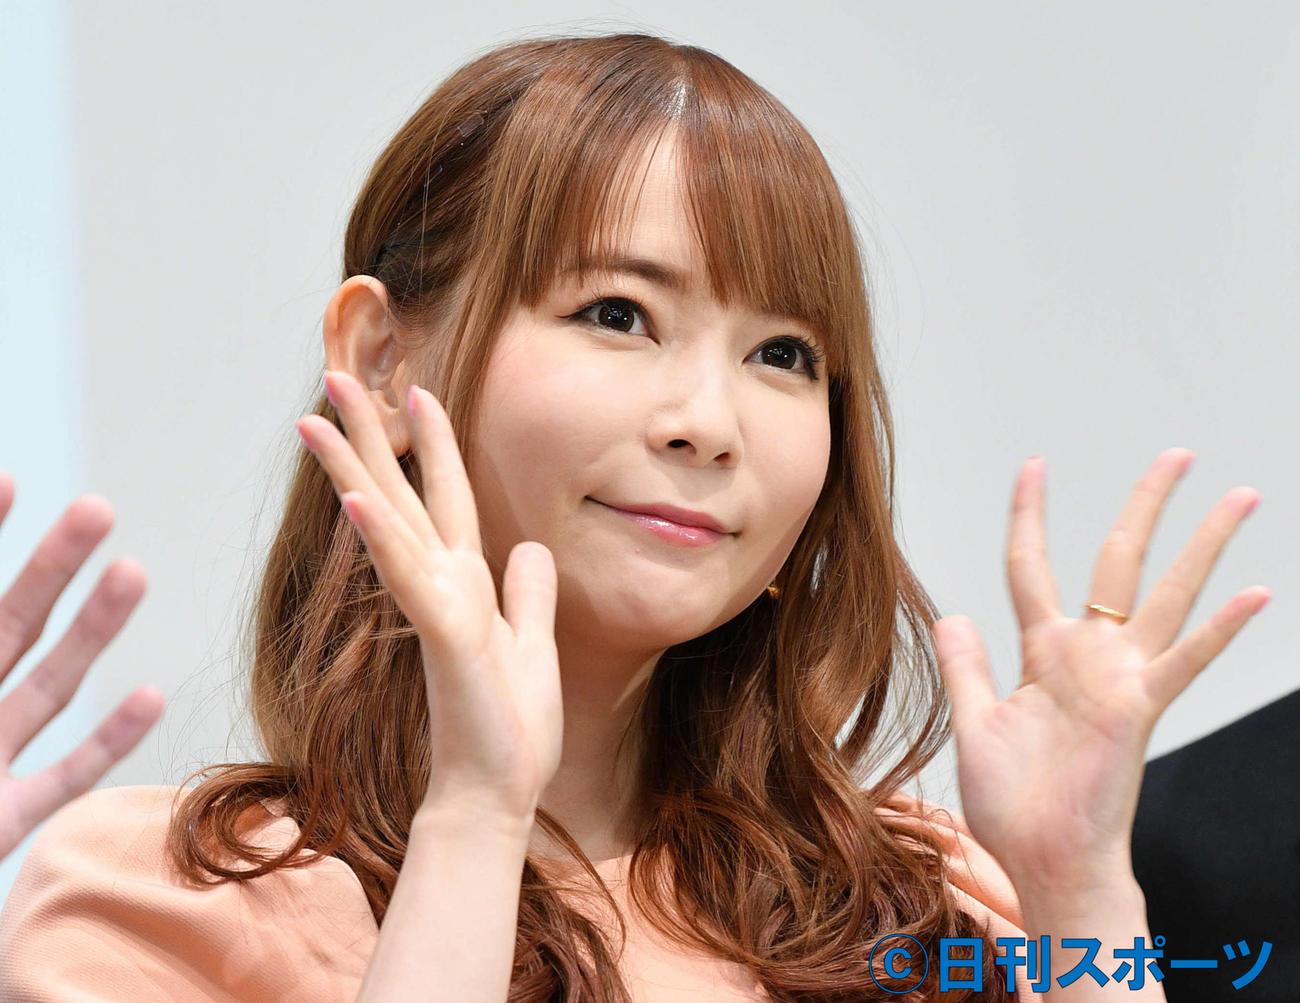 中川翔子(2020年11月24日撮影)